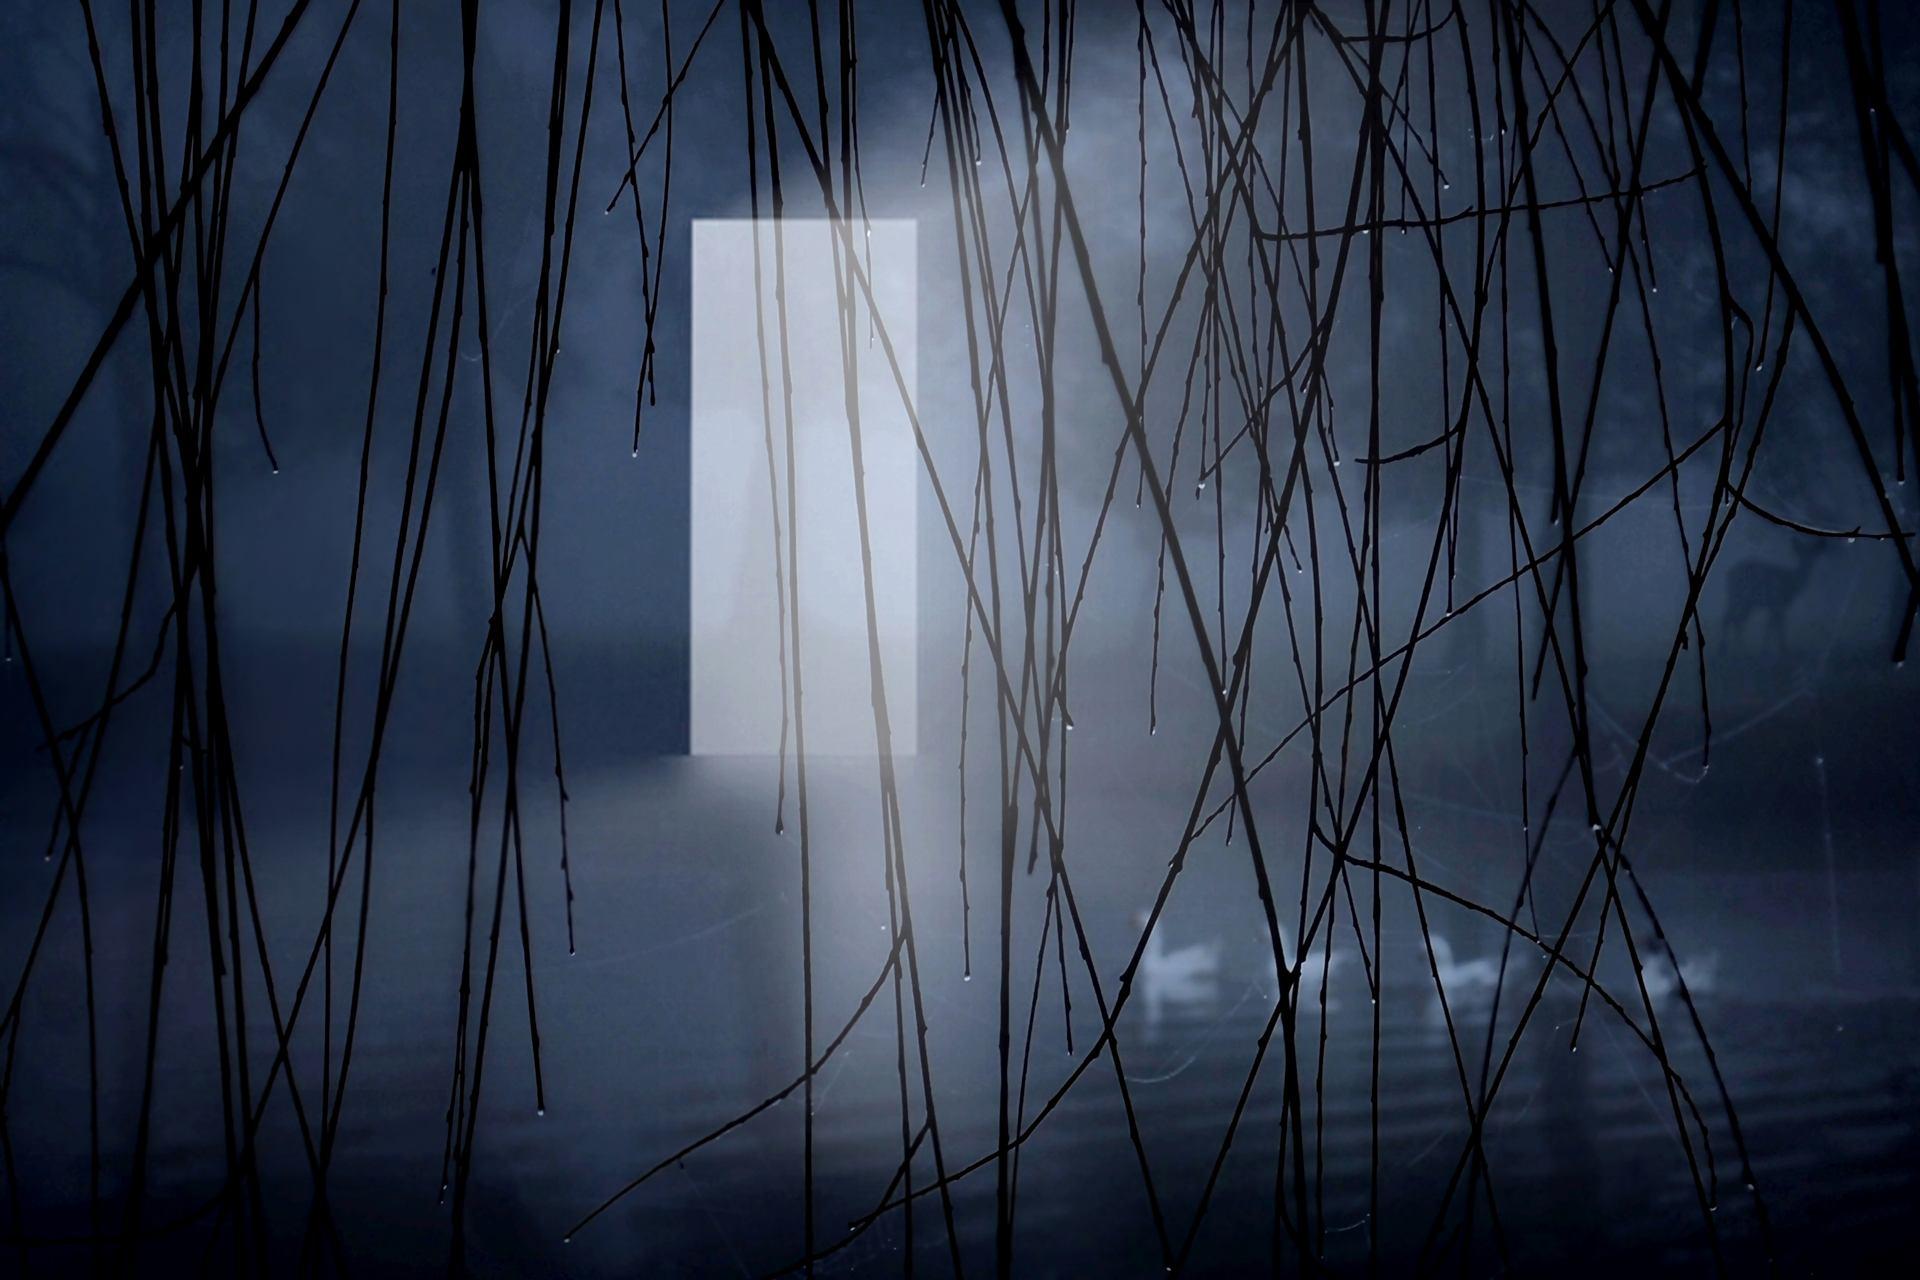 Le lac fantôme#4